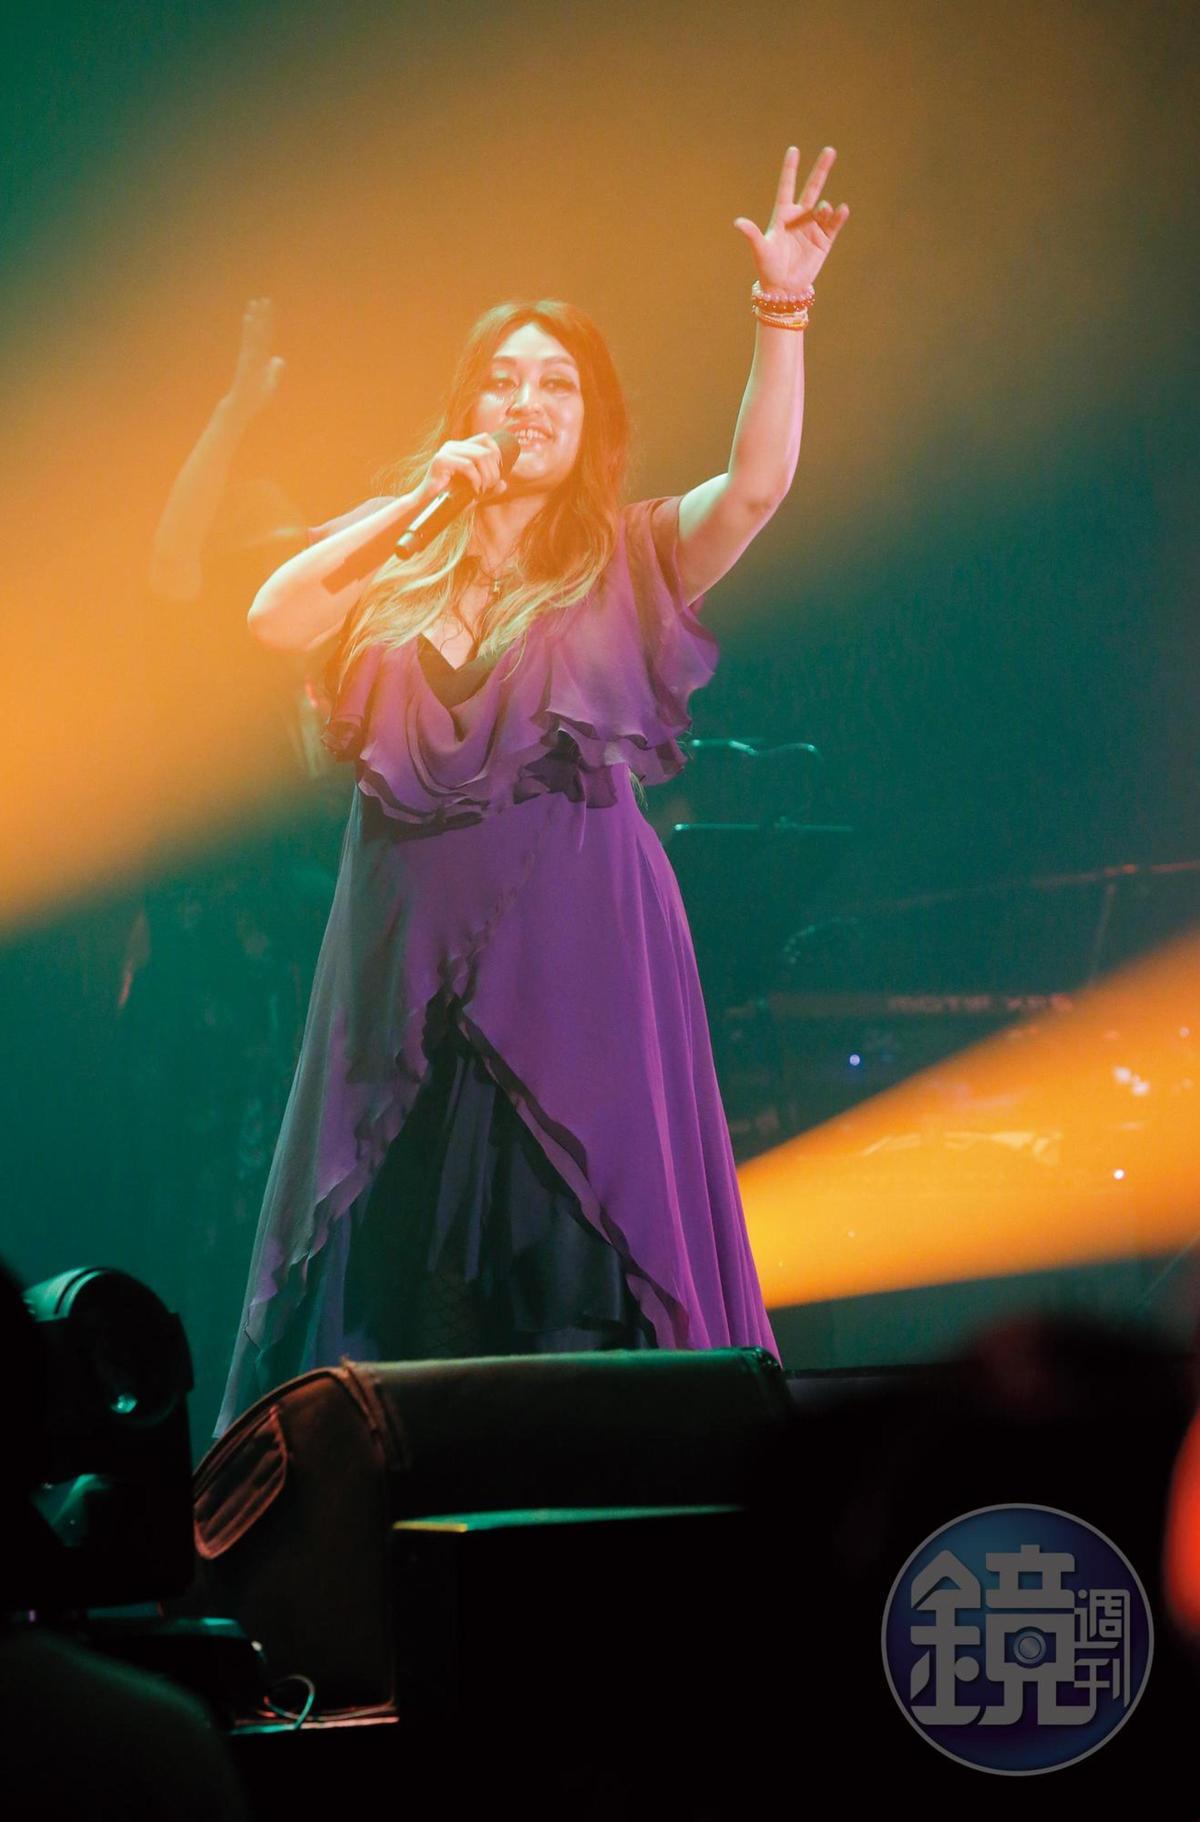 2017年9月 約85公斤 家家嗓音具穿透力,美聲獲金曲獎肯定,出道以來因身材較豐腴,被網友封為「台版艾黛兒」。